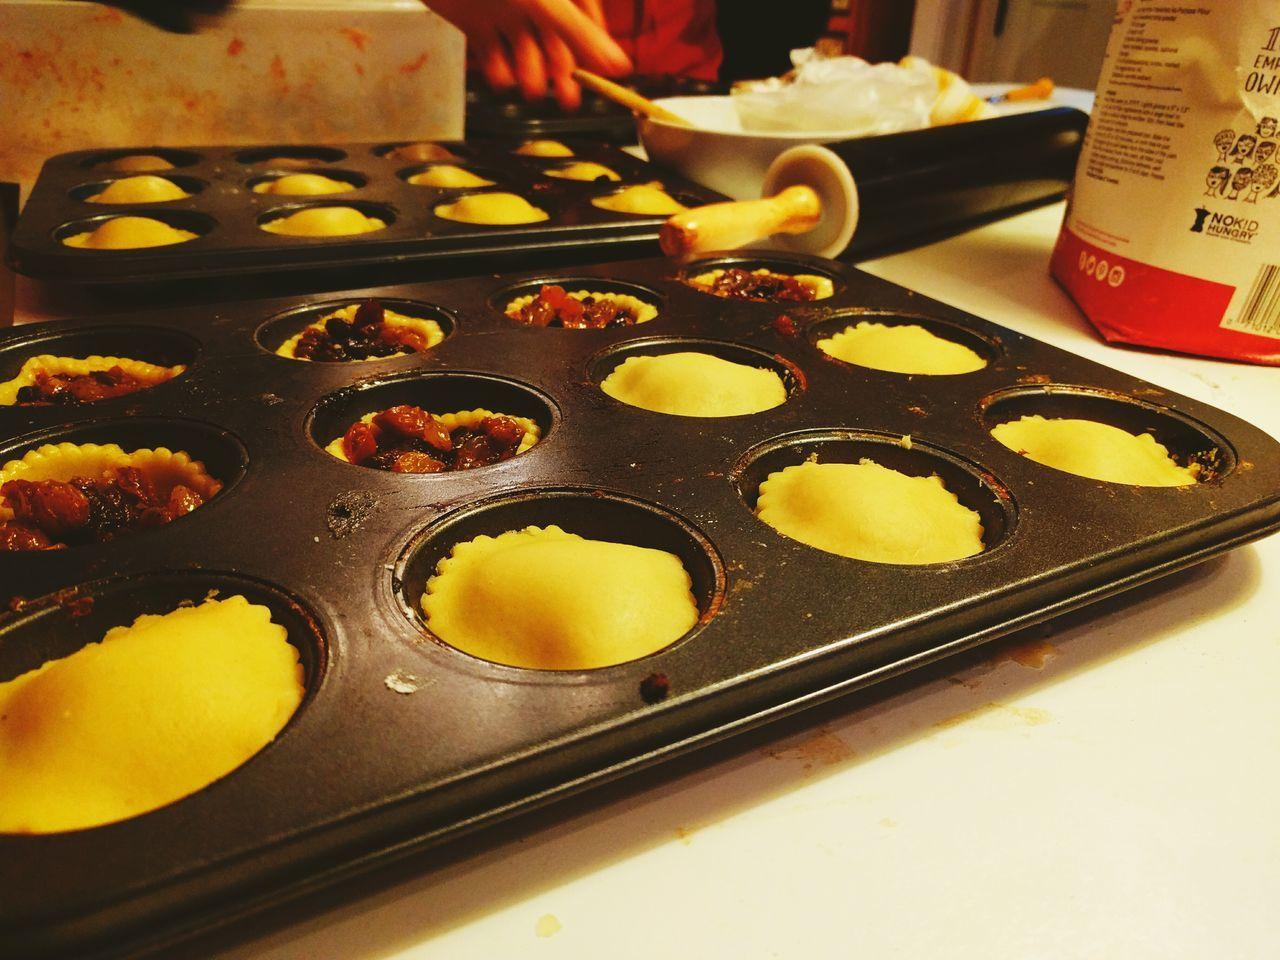 Sweet Food Food Preparation  Baking Sheet Indoors  Baking Pan No People Homemade Freshness Close-up Ready-to-eat Day Pie Baking Baking Weekend